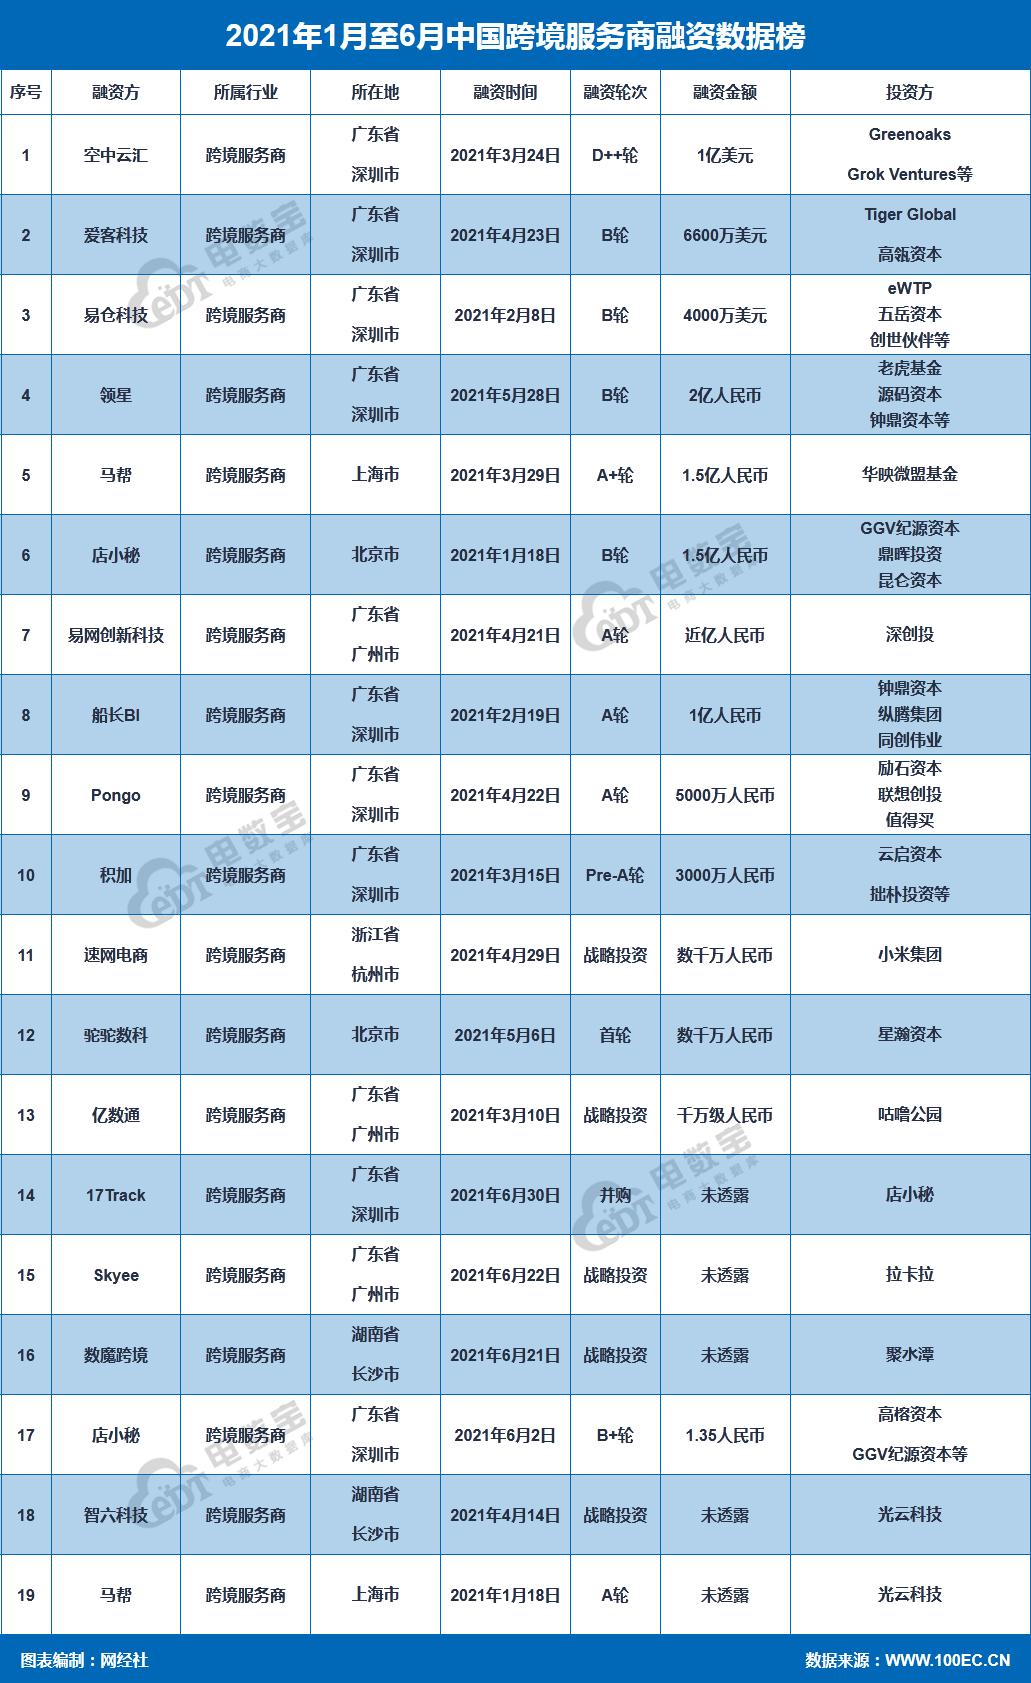 火狐截图_2021-07-14T09-45-21.484Z.png